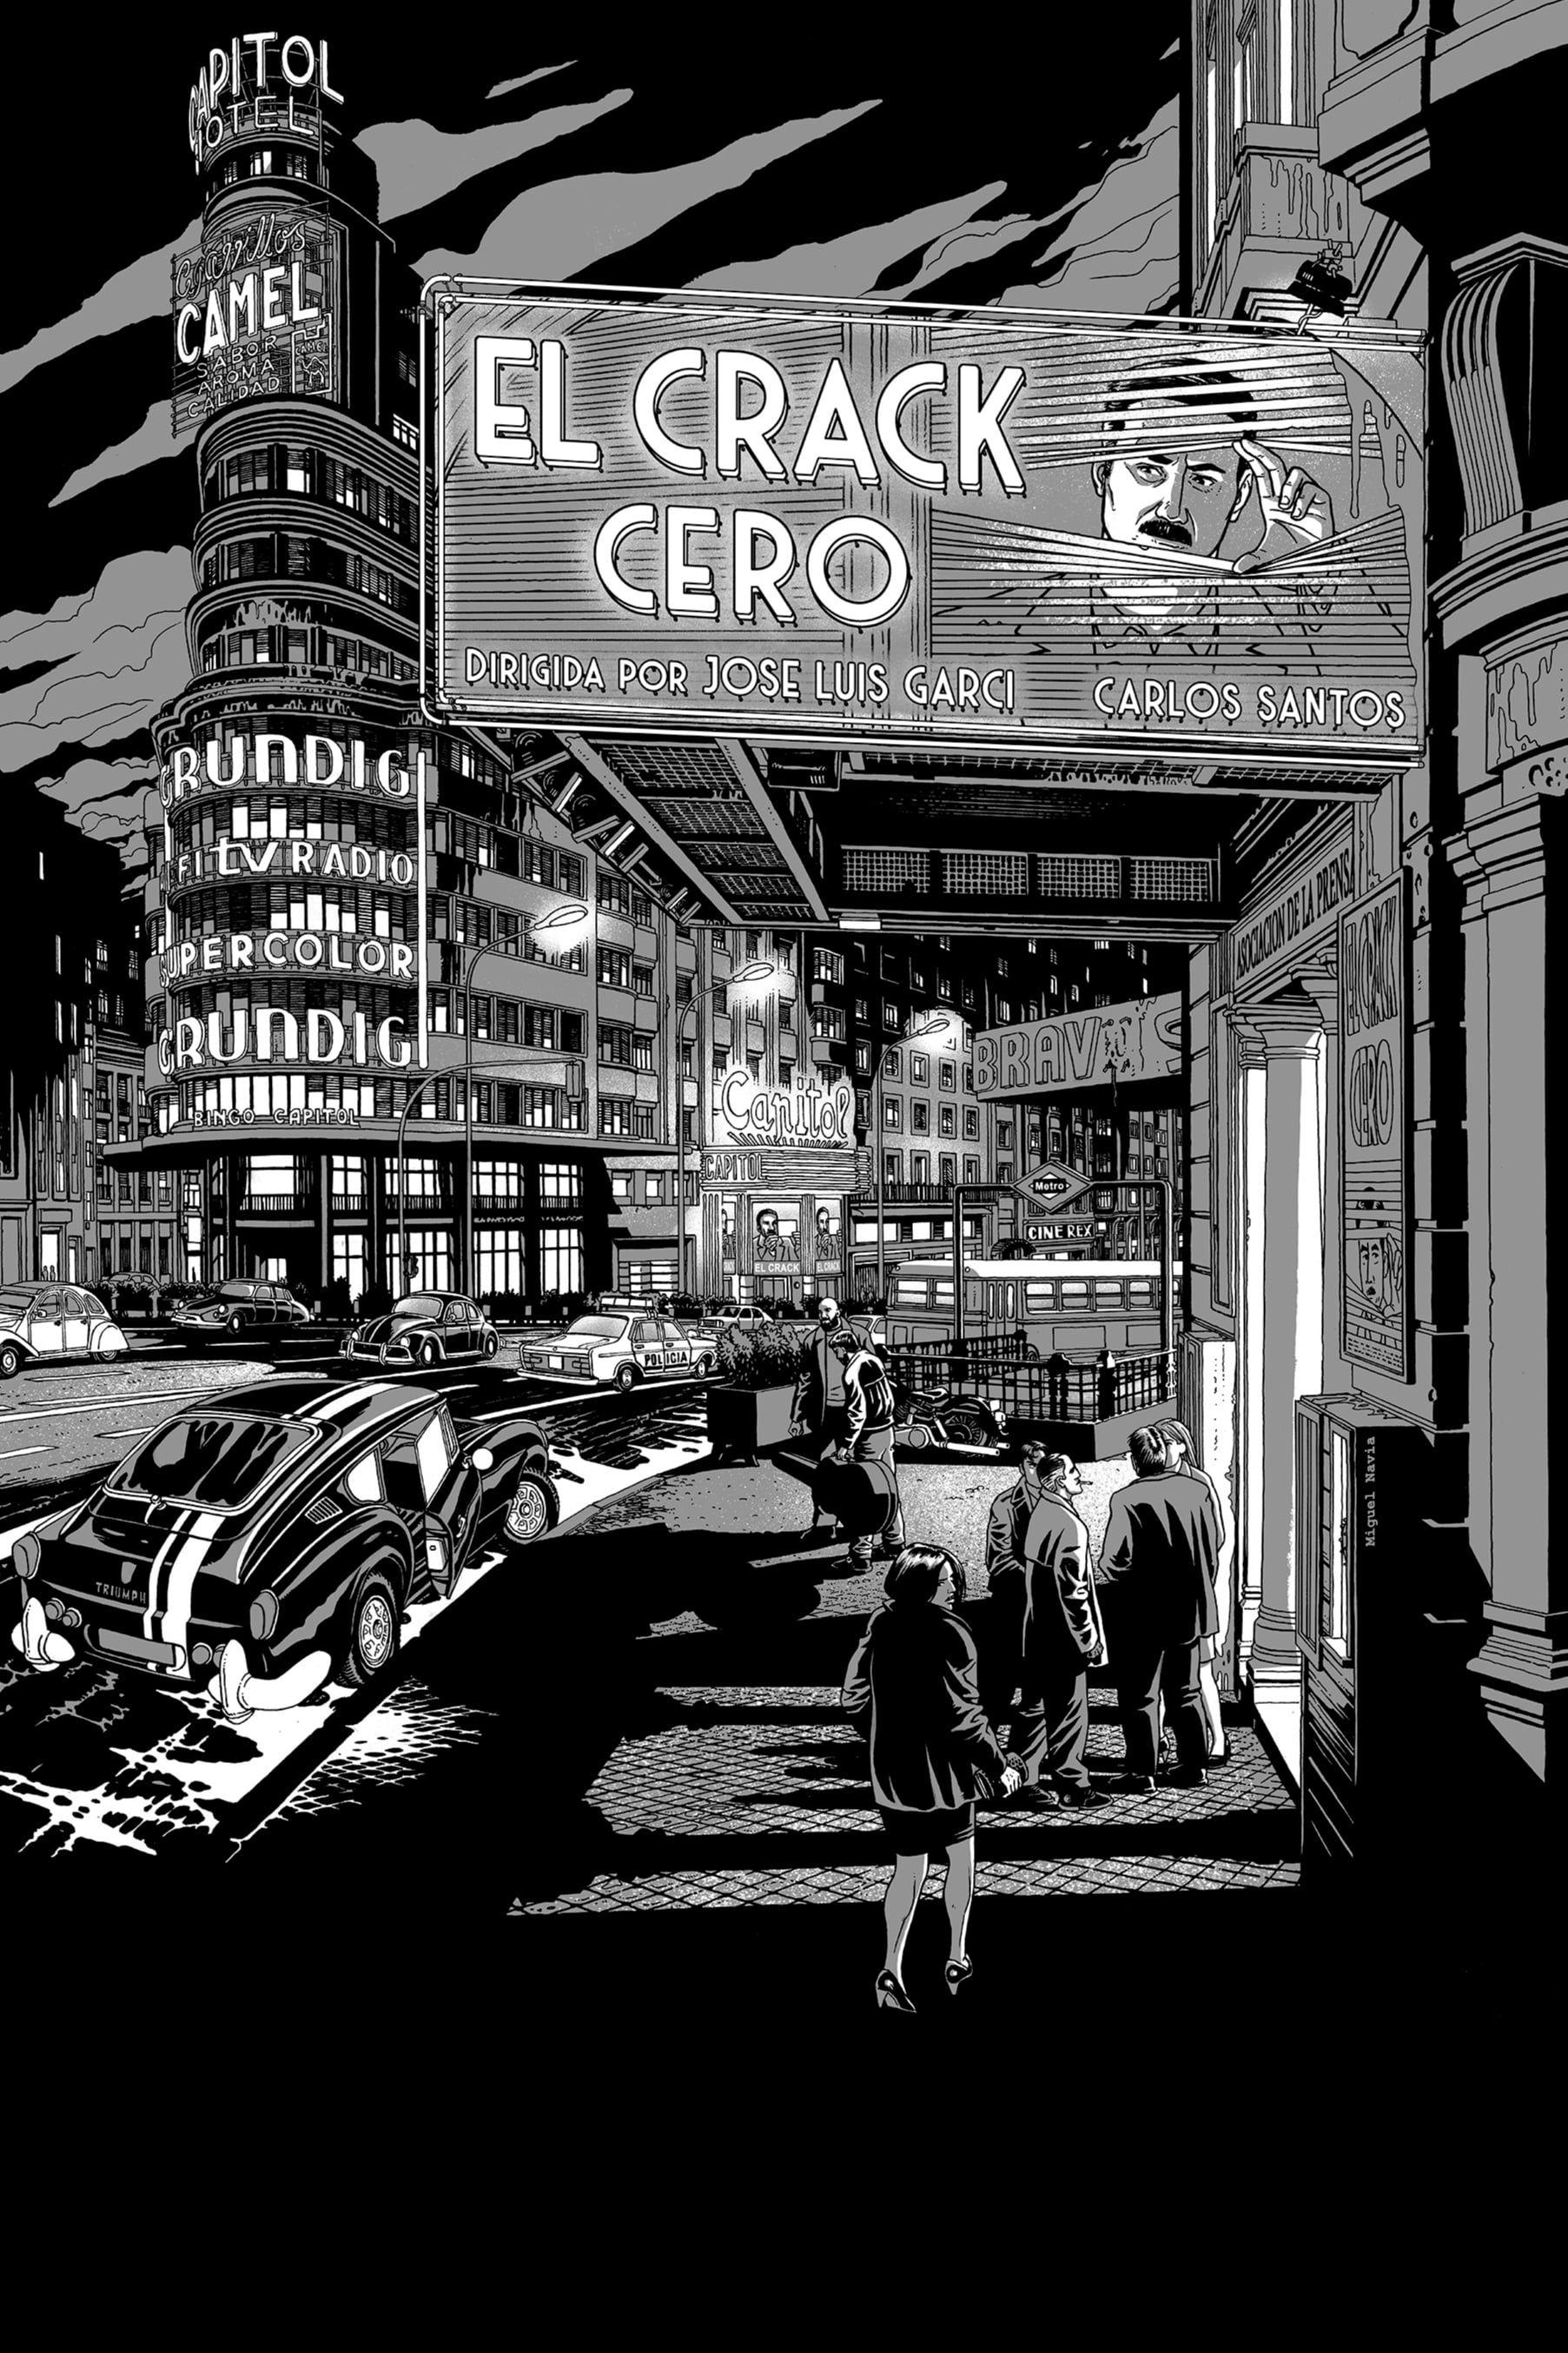 [[Ver]] El crack cero (2019) Pelicula Completa Online En